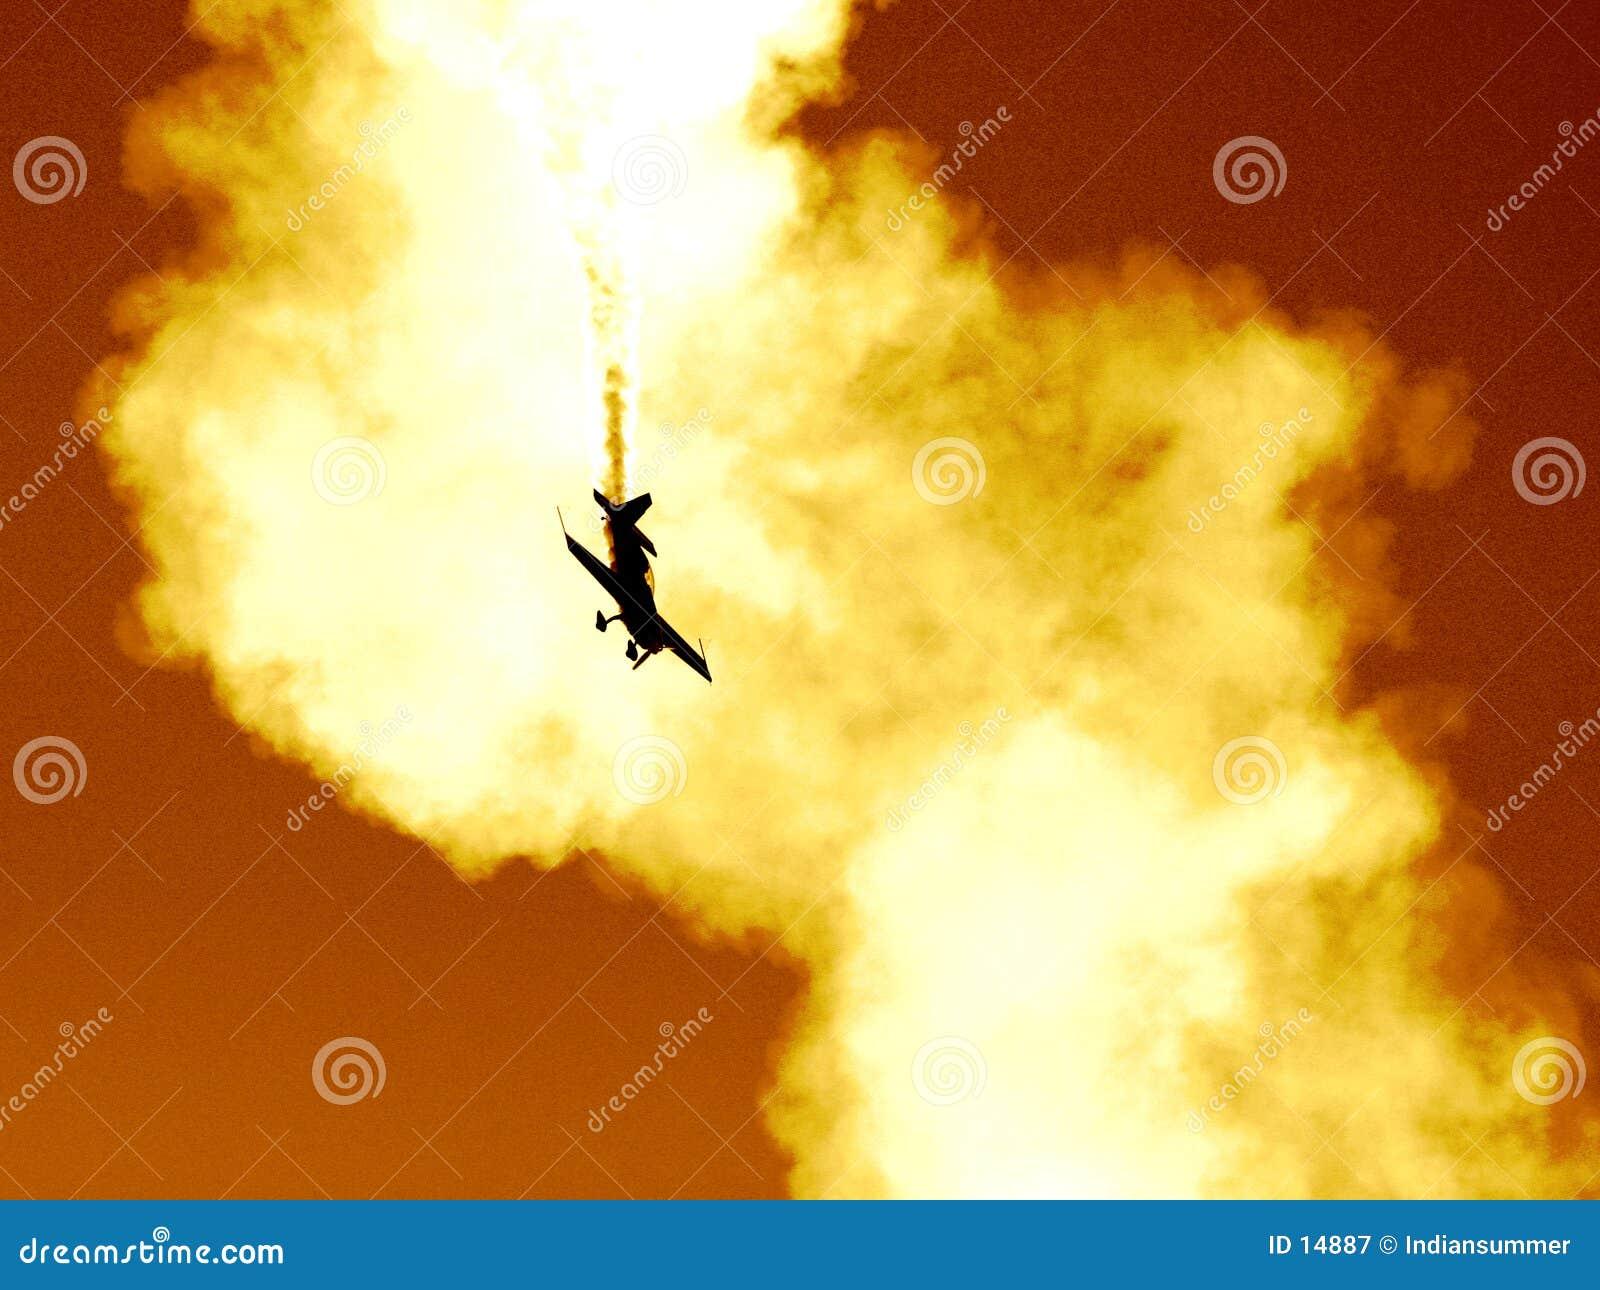 Plane in the cloud of smoke II